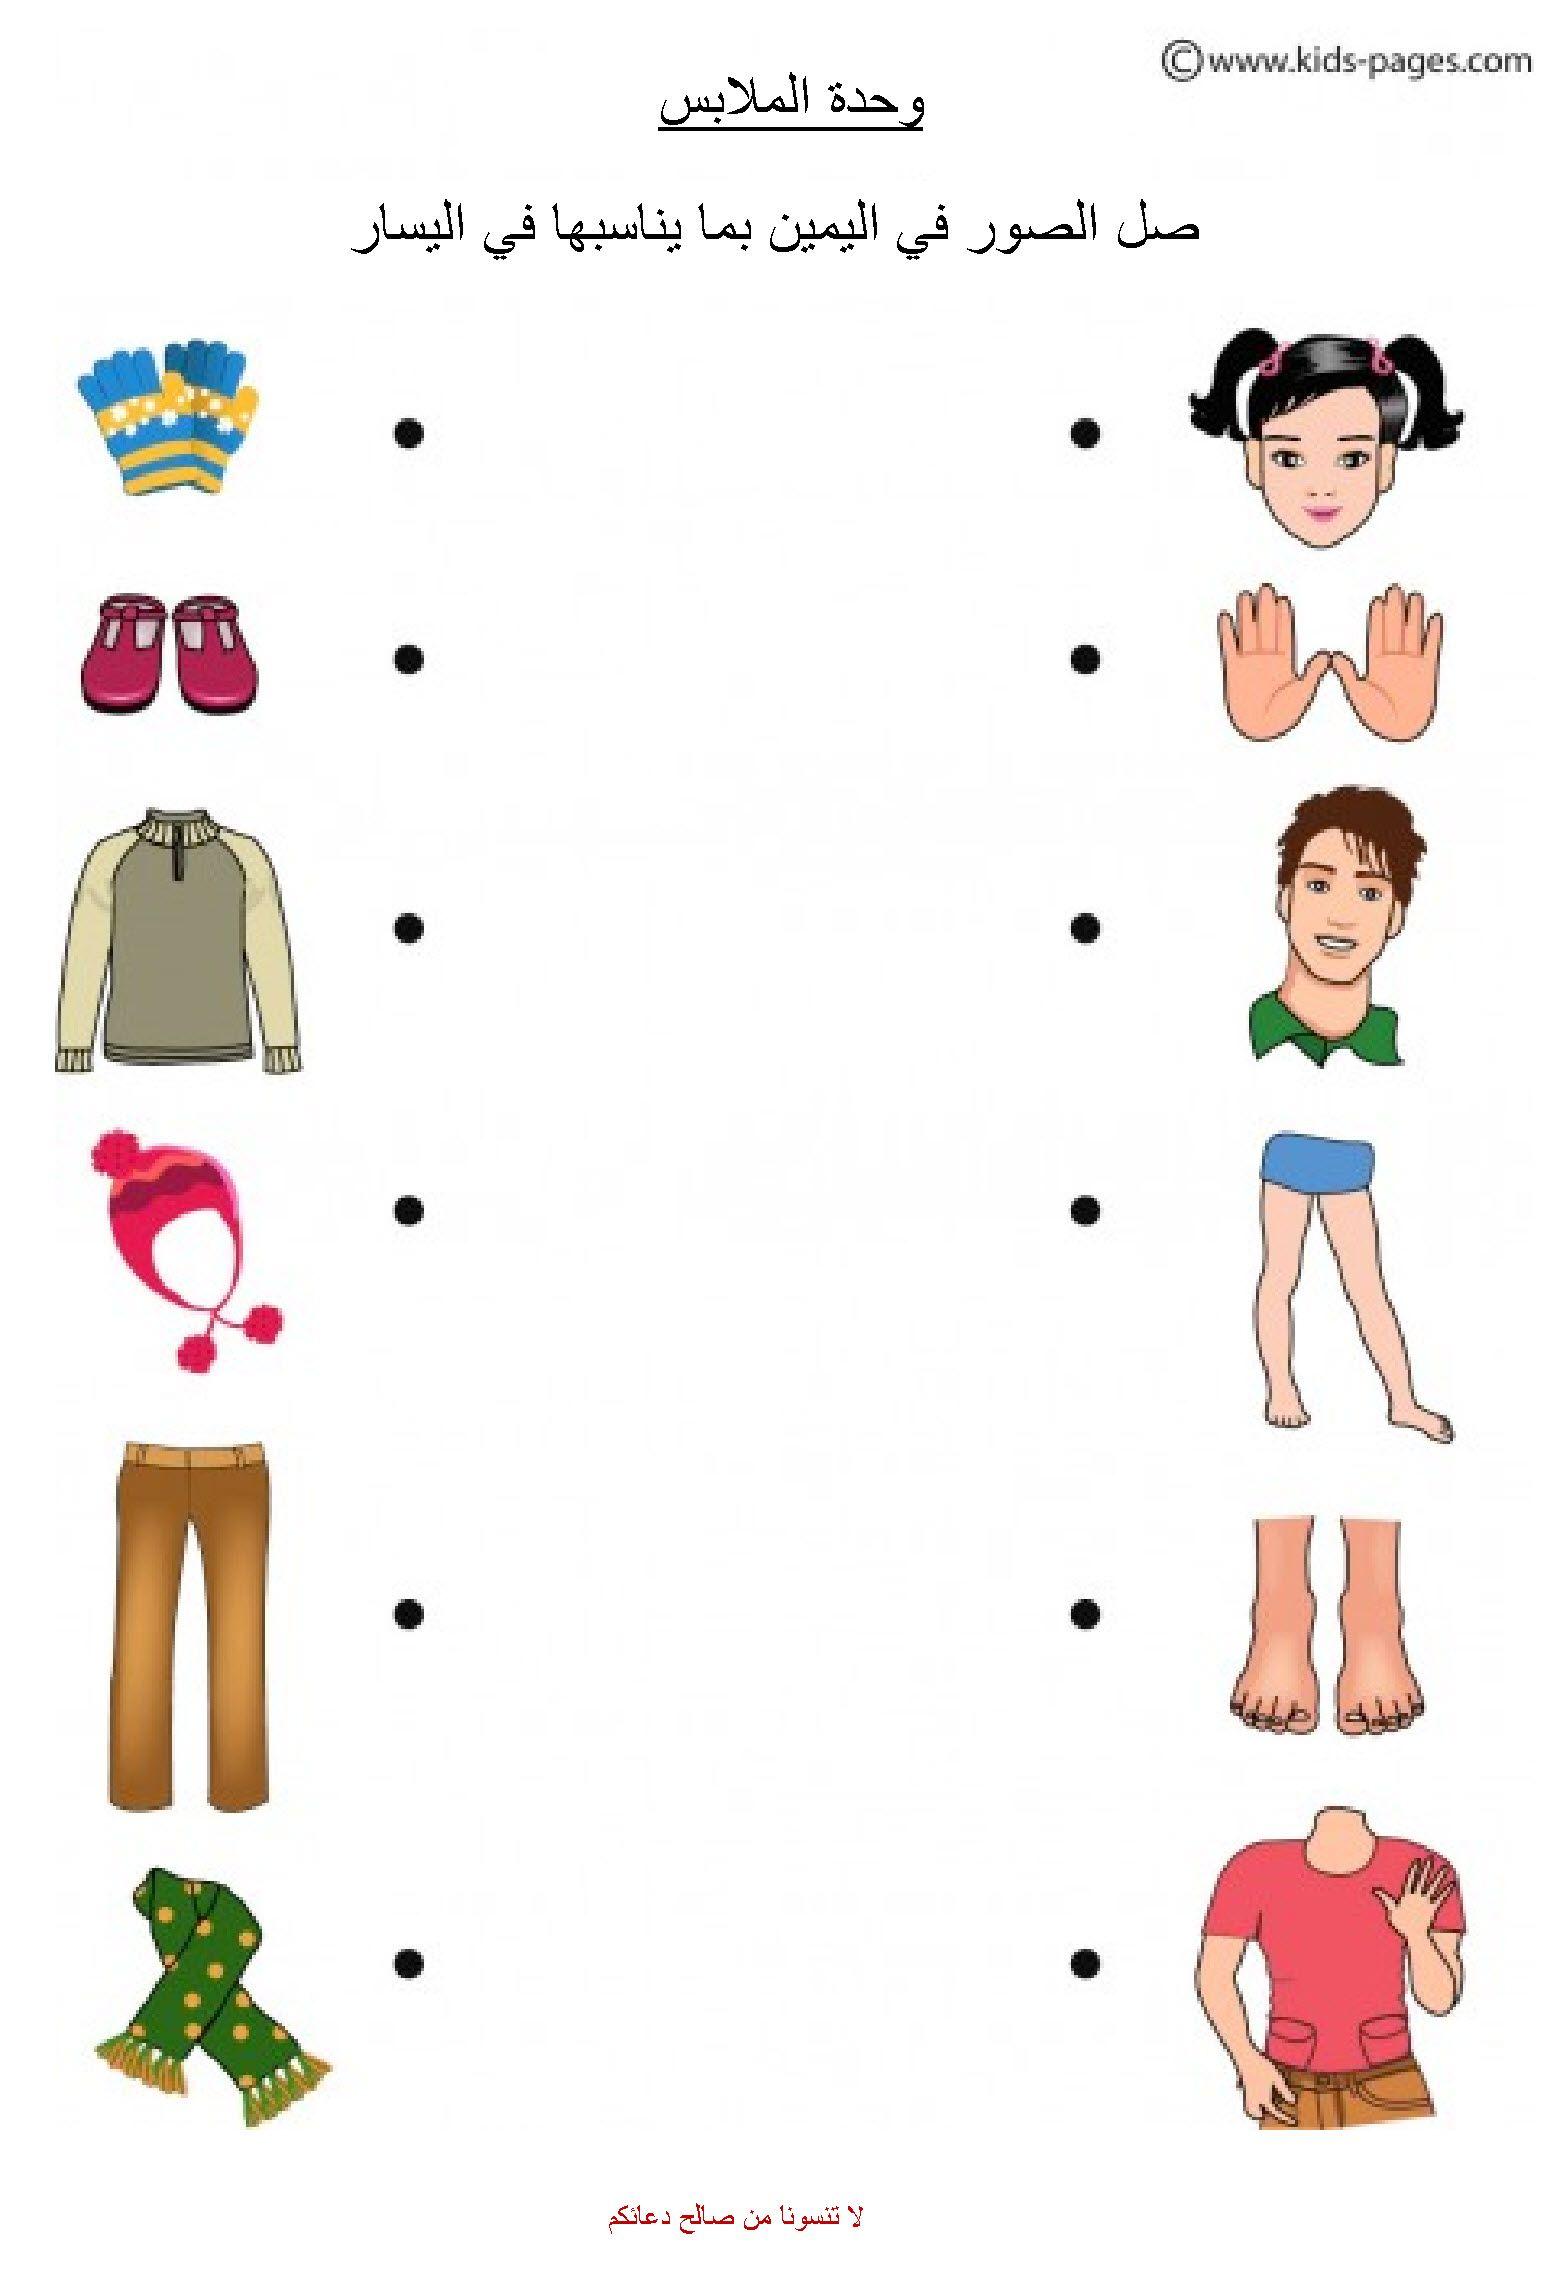 ورقة عمل وحدة الملابس لمرحلة رياض الأطفال Muslim Kids Activities Fall Preschool Activities Kids Education